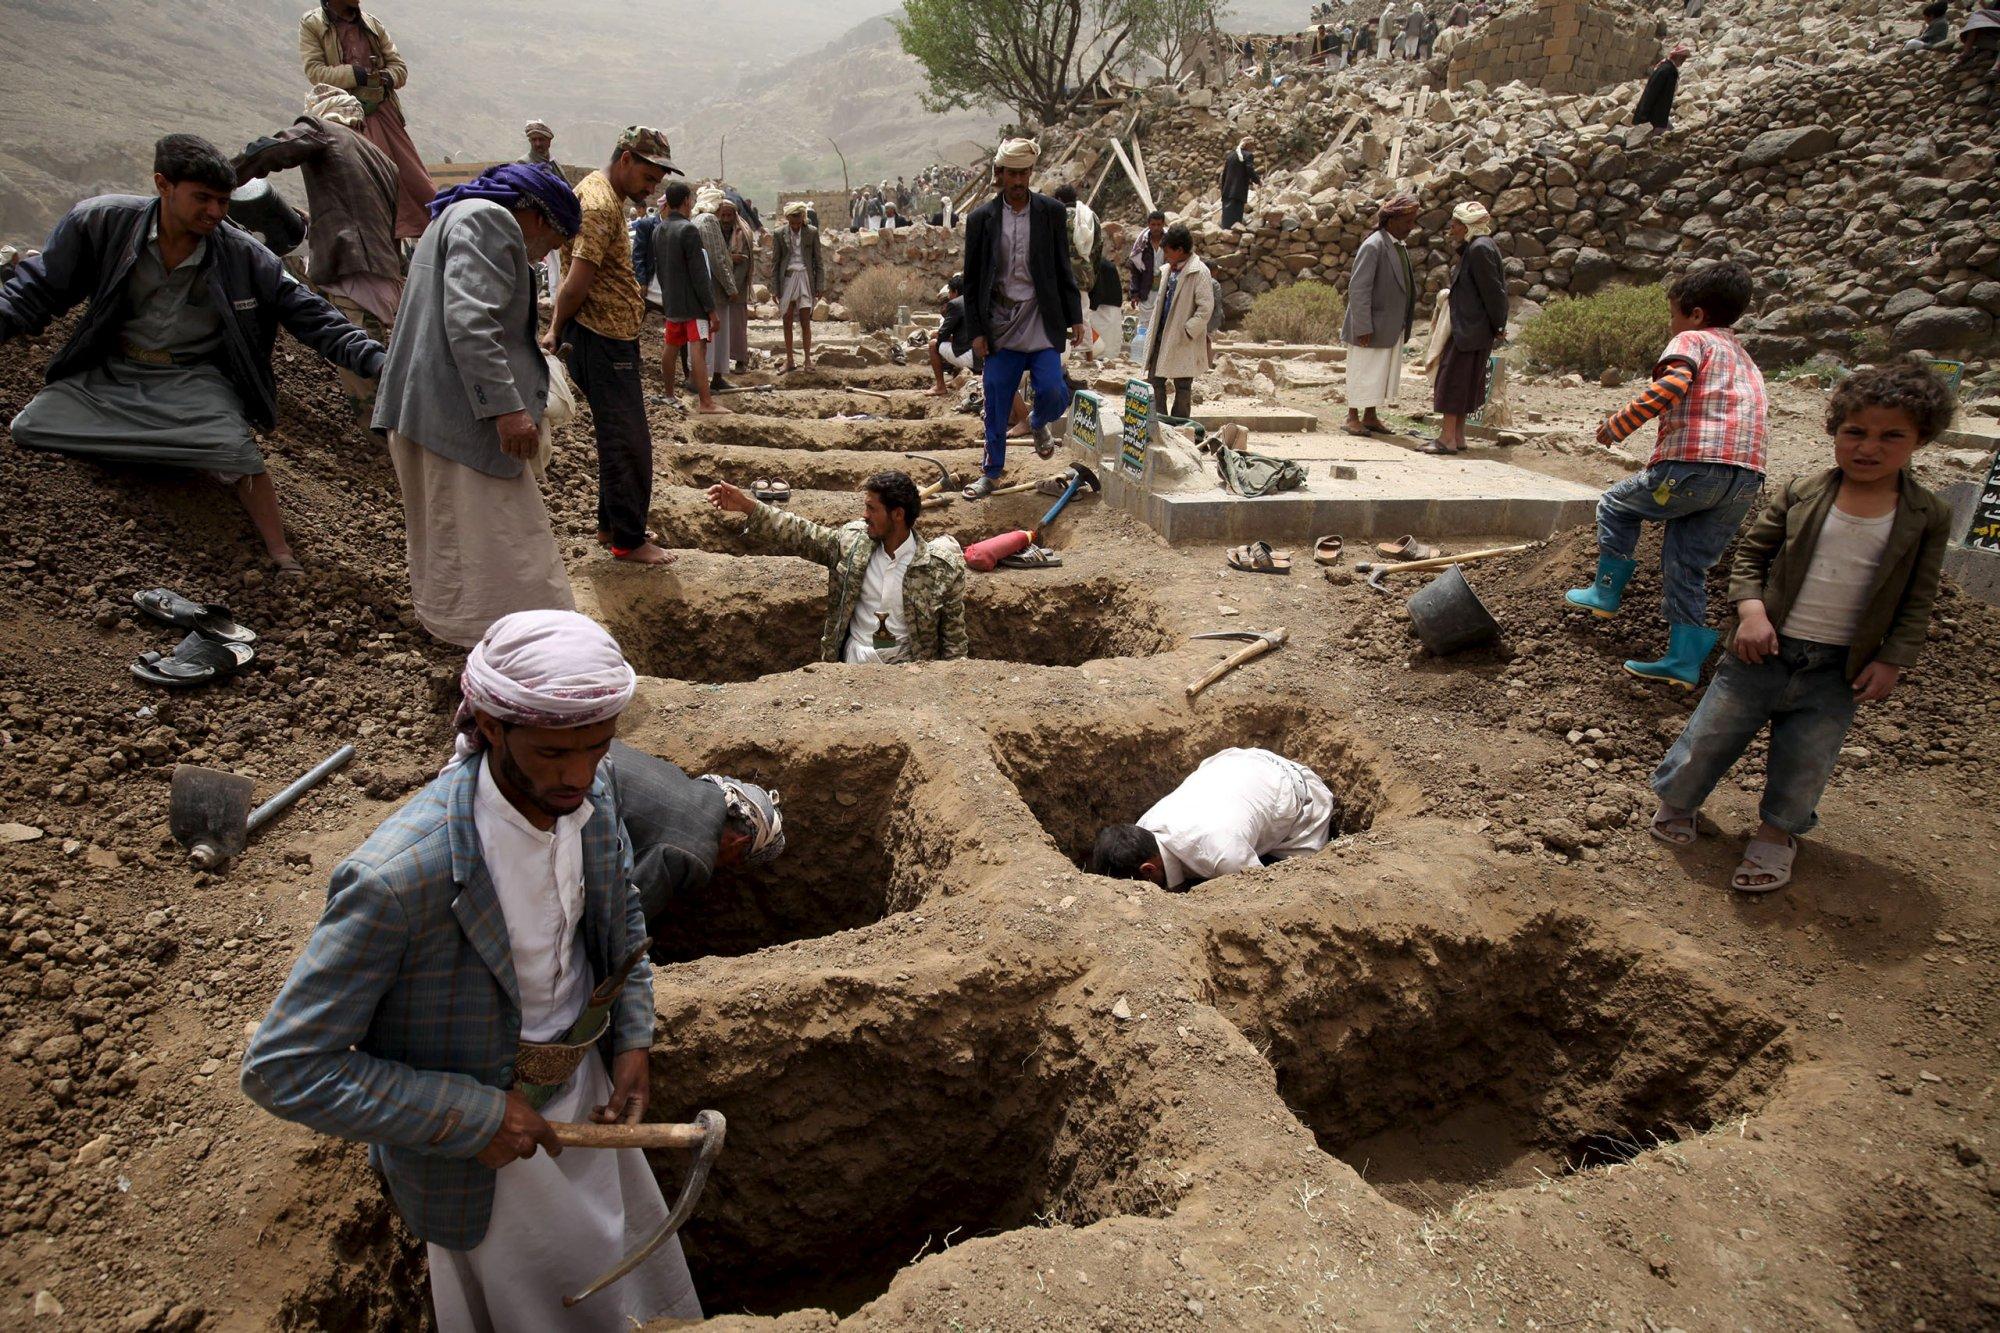 اليونيسف: نحو 1400 طفل قتلوا في النزاع اليمني منذ بدايته